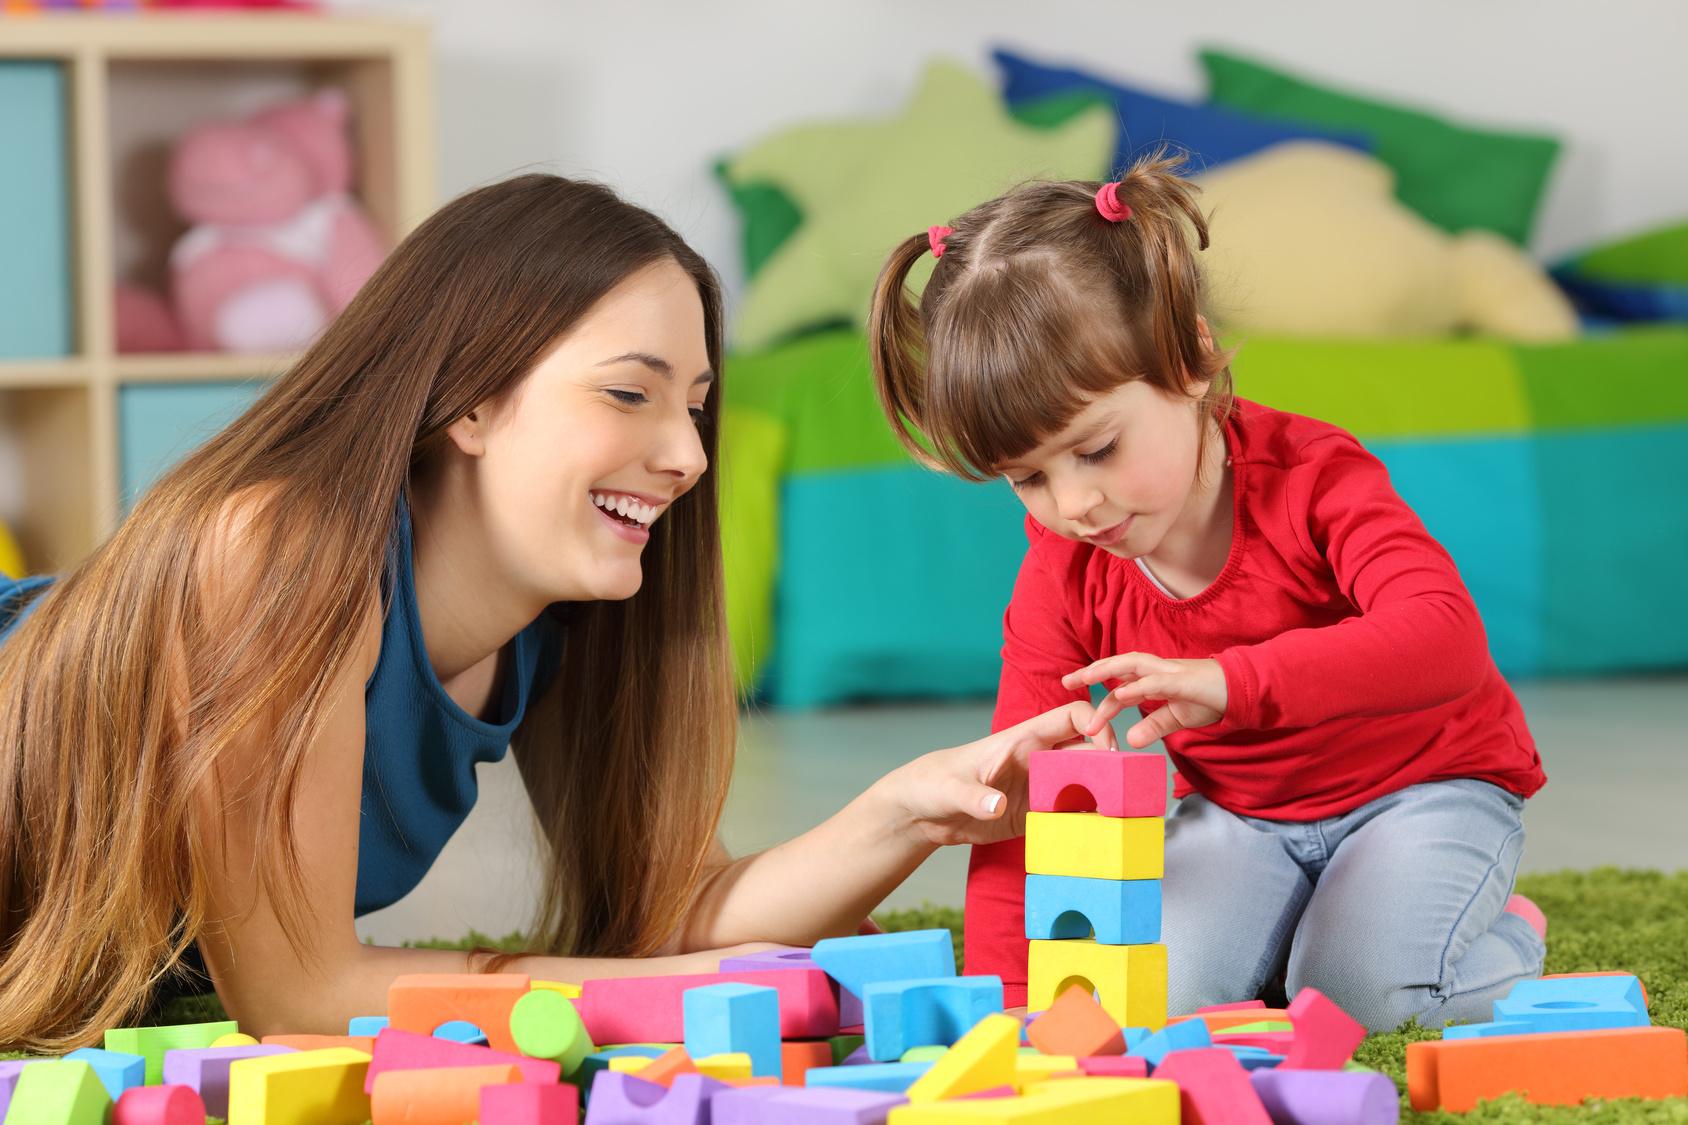 TÜV warnt: Eltern sollen Kinderprodukte sorgfältig prüfen